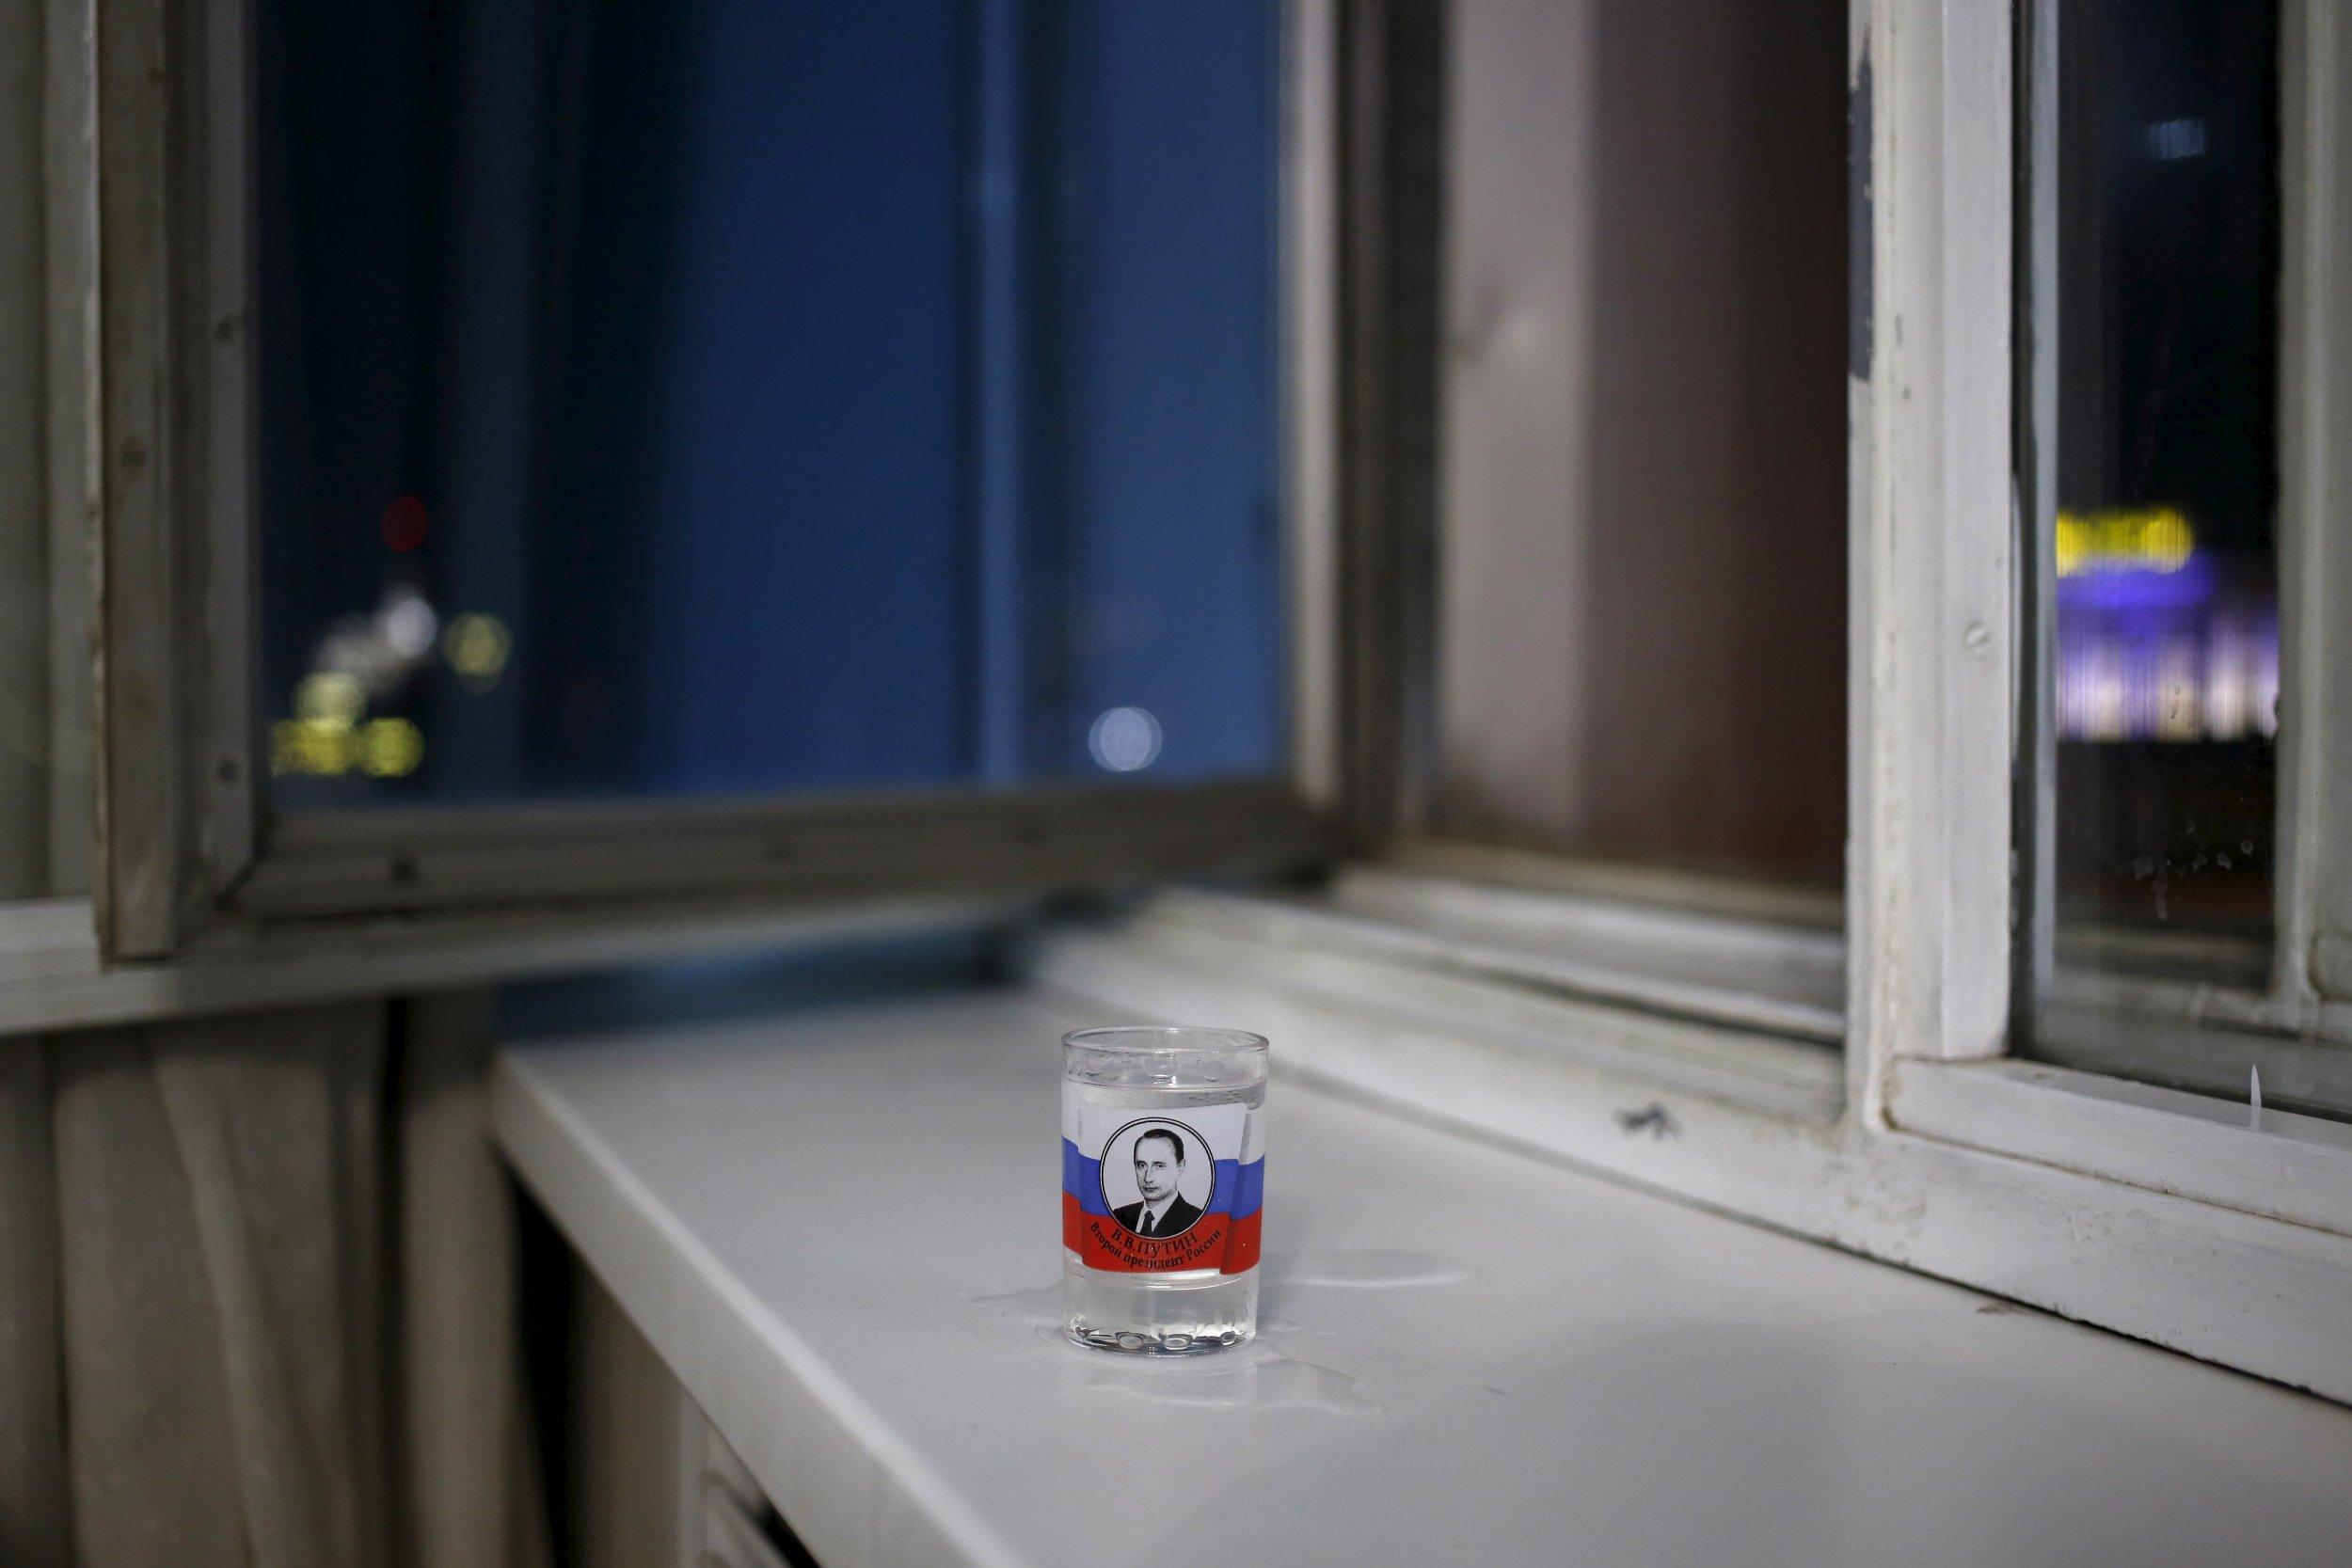 Putin Vodka glass